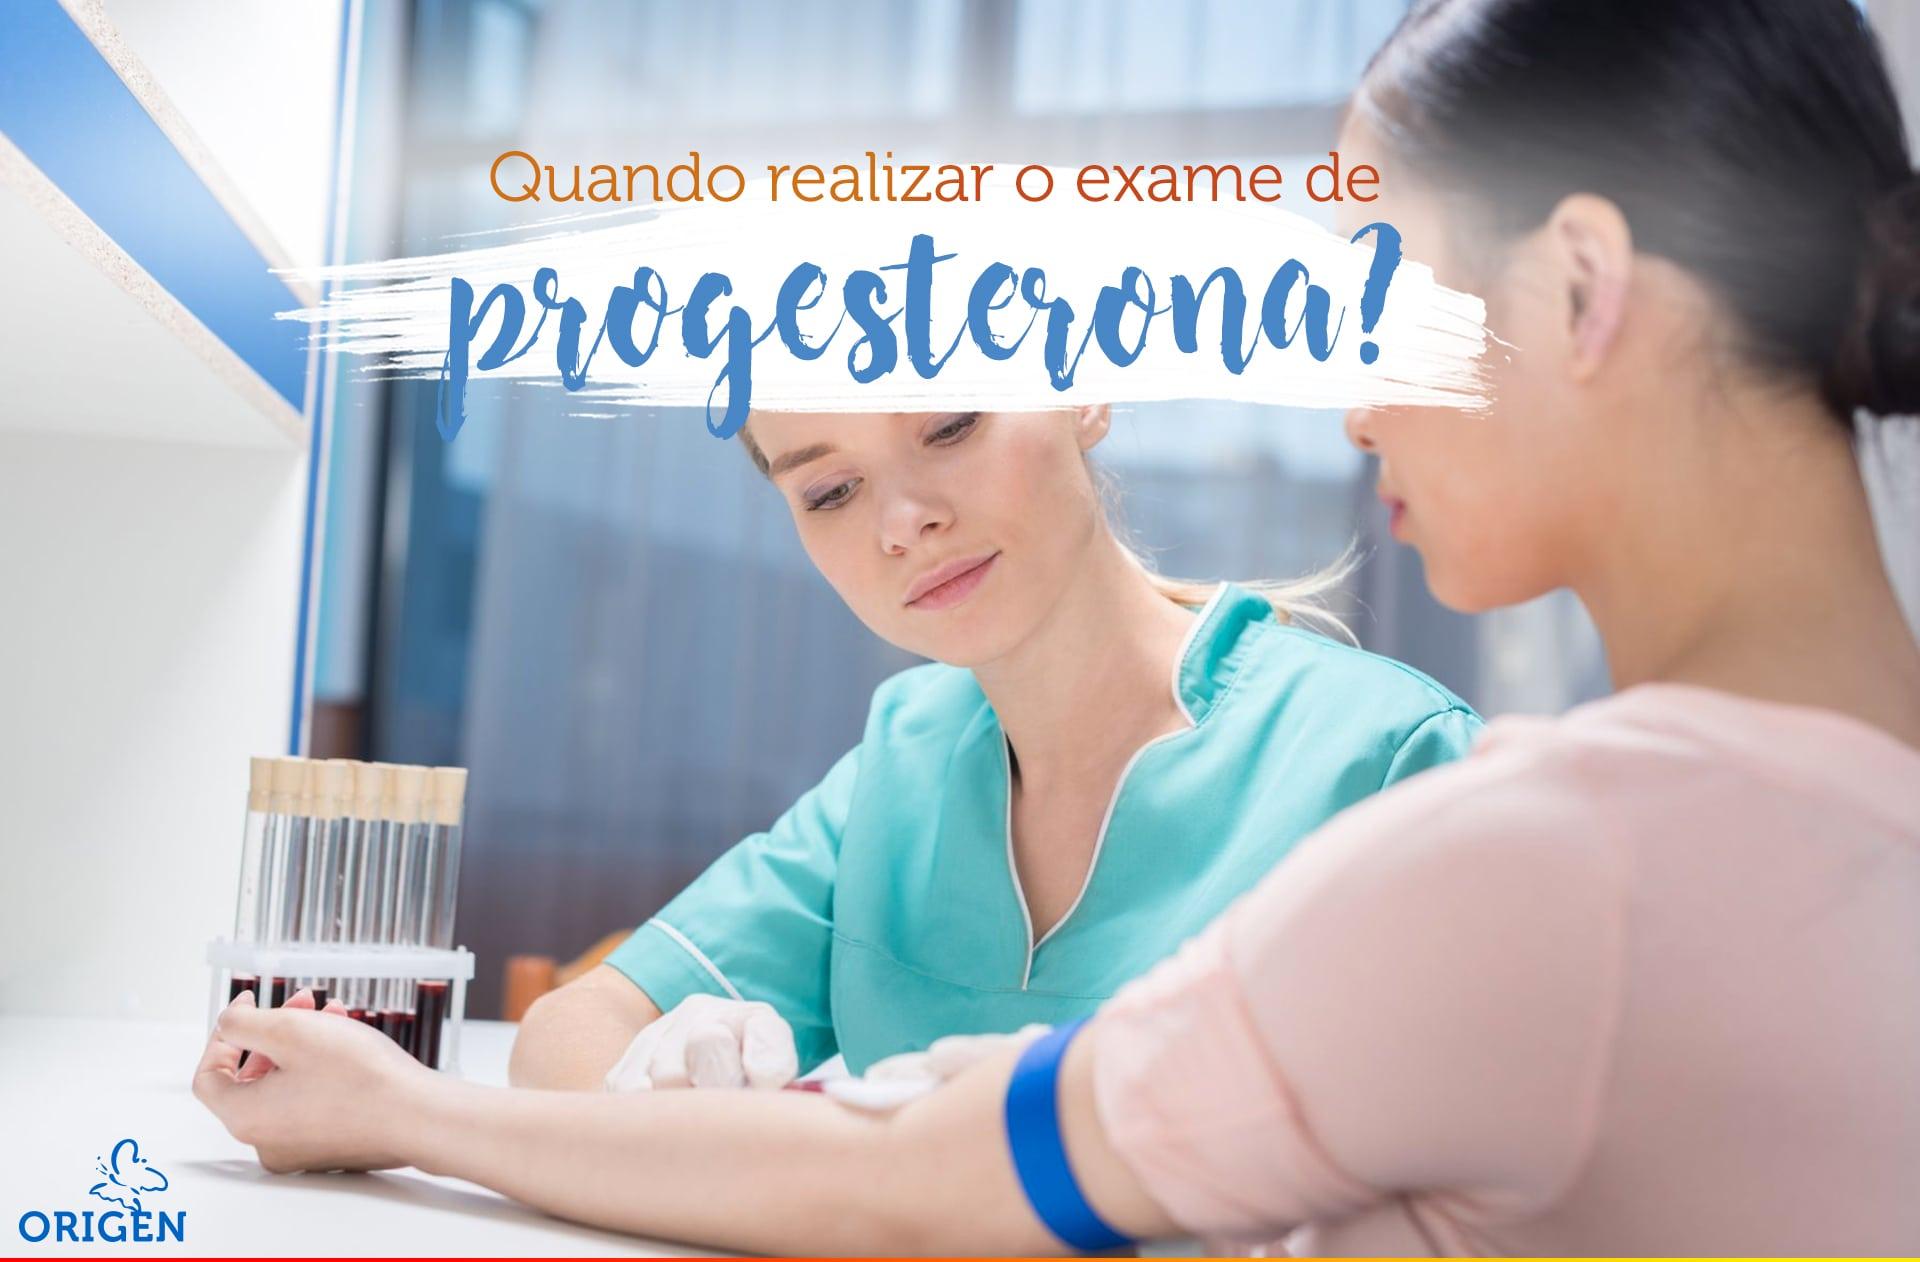 Quando realizar o exame de progesterona?